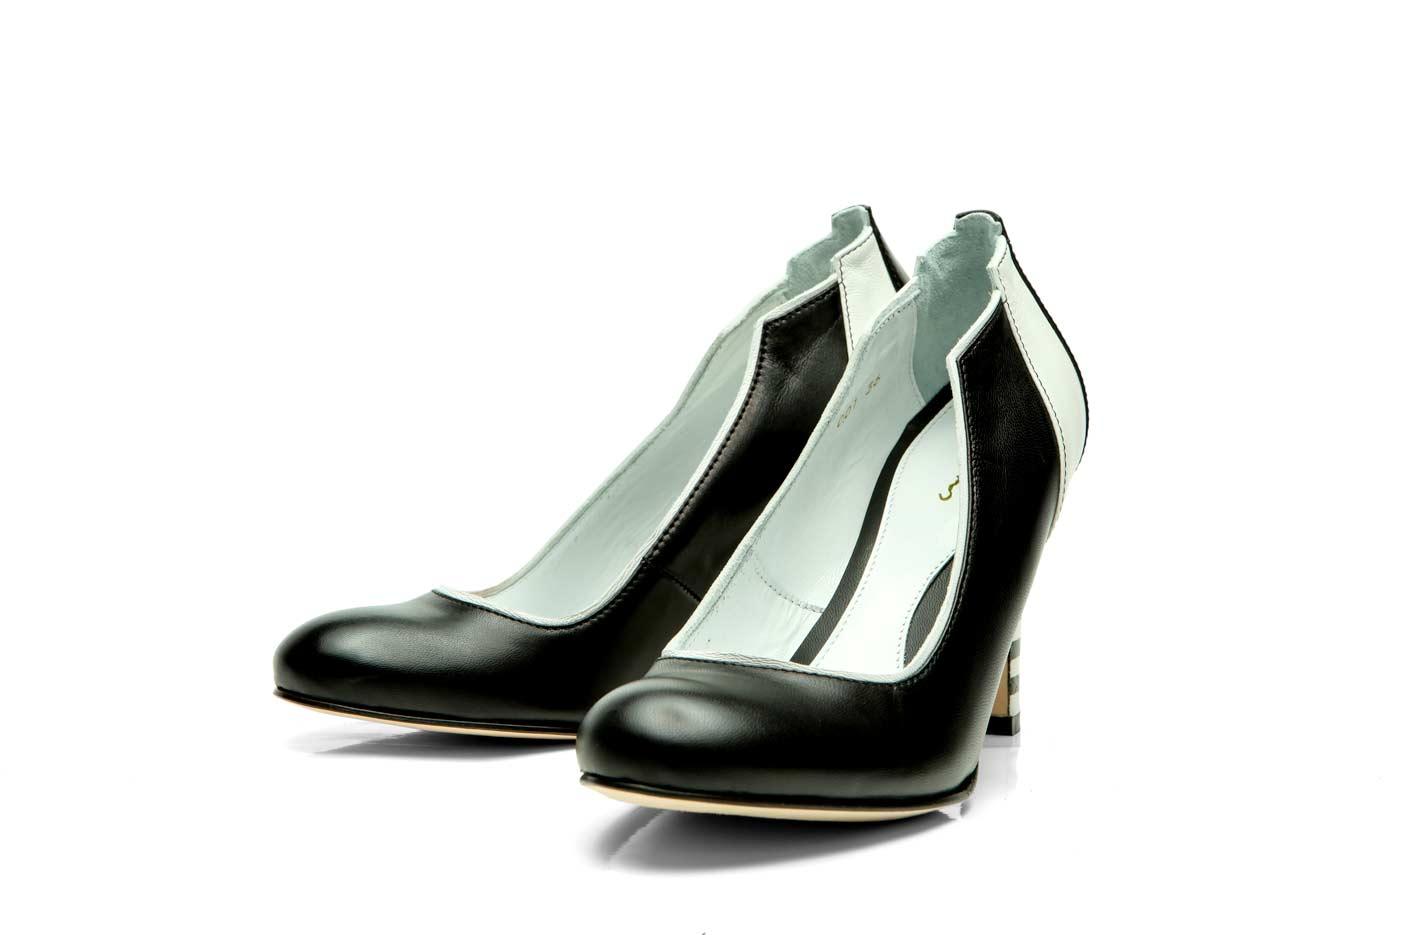 Black pumps   High heels   Official